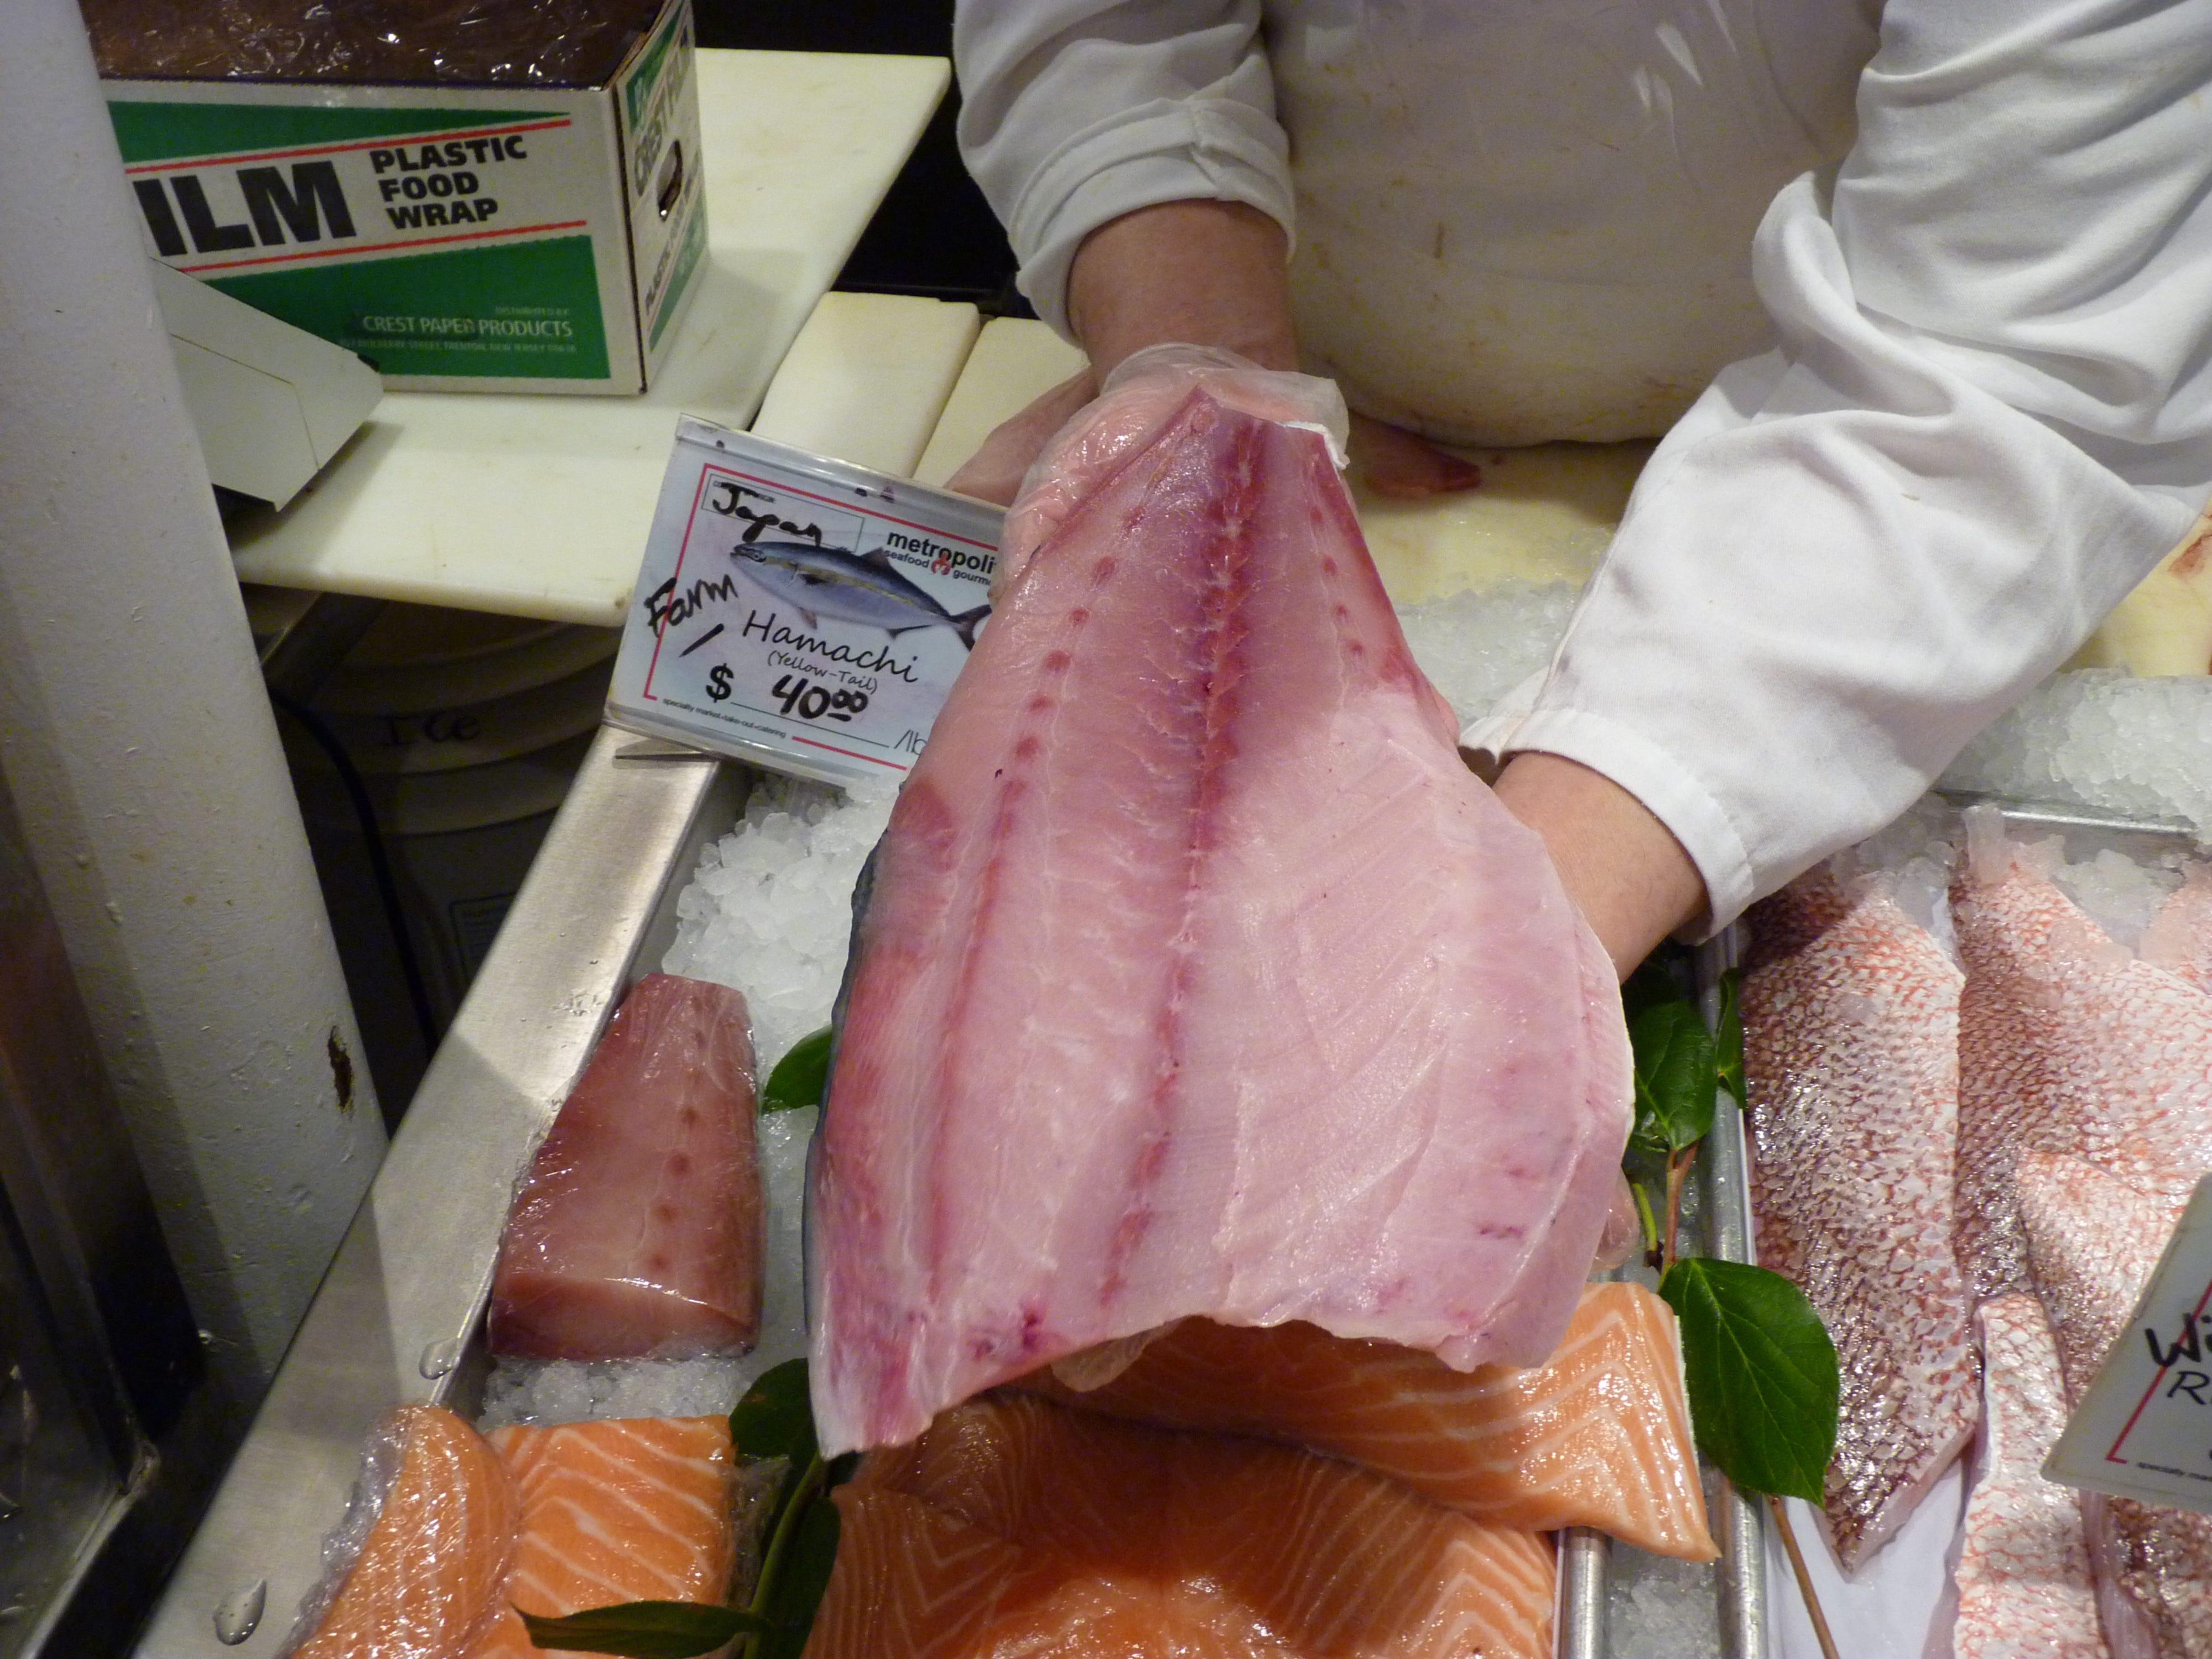 Fresh fish at Metropolitan Seafood & Gourmet in Lebanon.